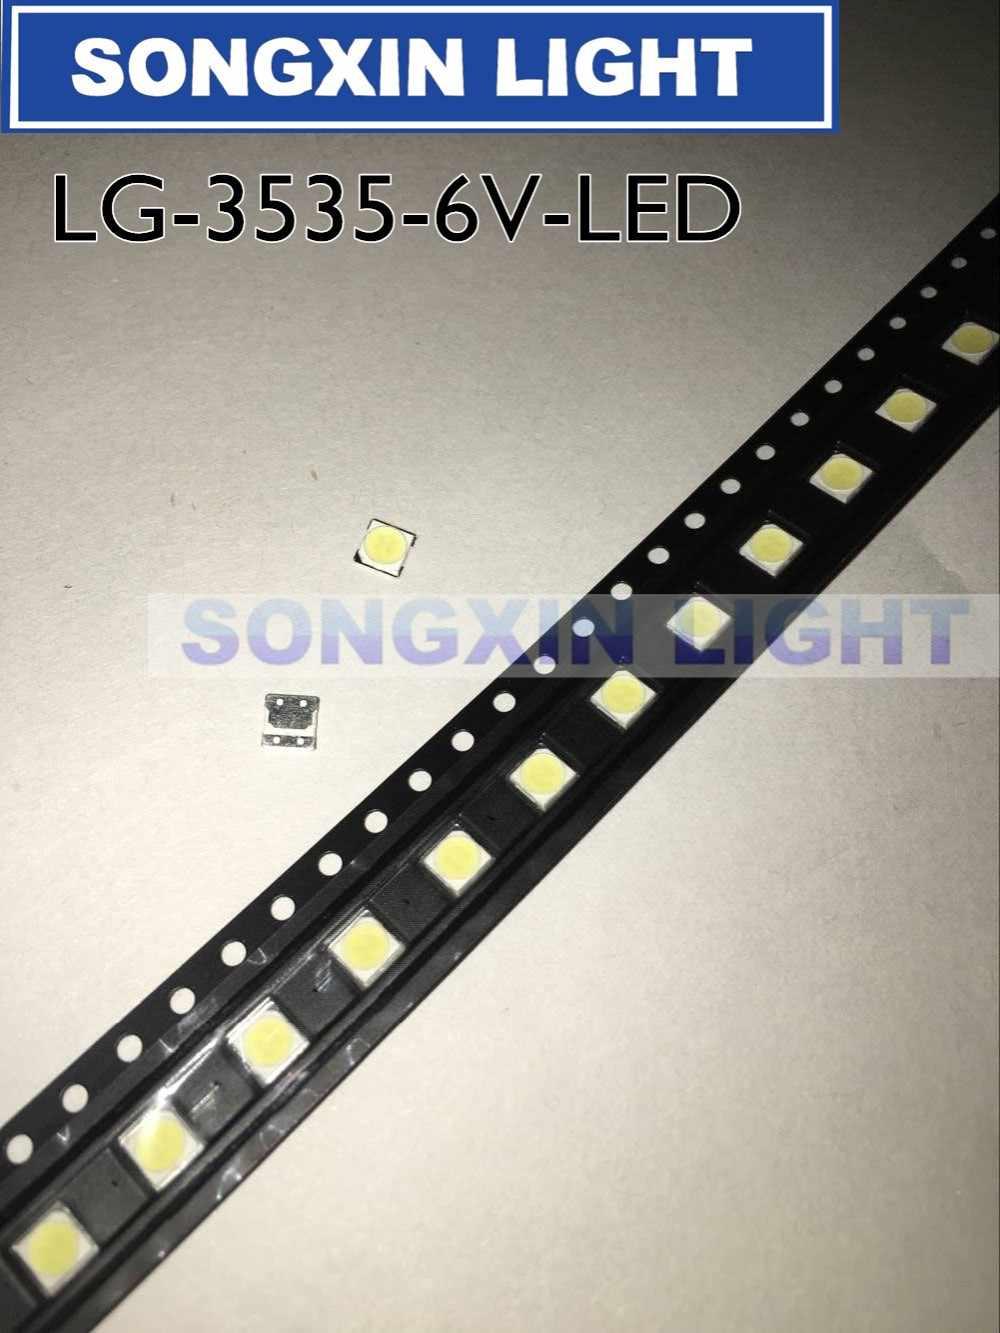 100 Uds para LG Innotek LED nuevo y Original LED 2W 6V luz blanca fría 3535 iluminación LCD trasera para TV de aplicación